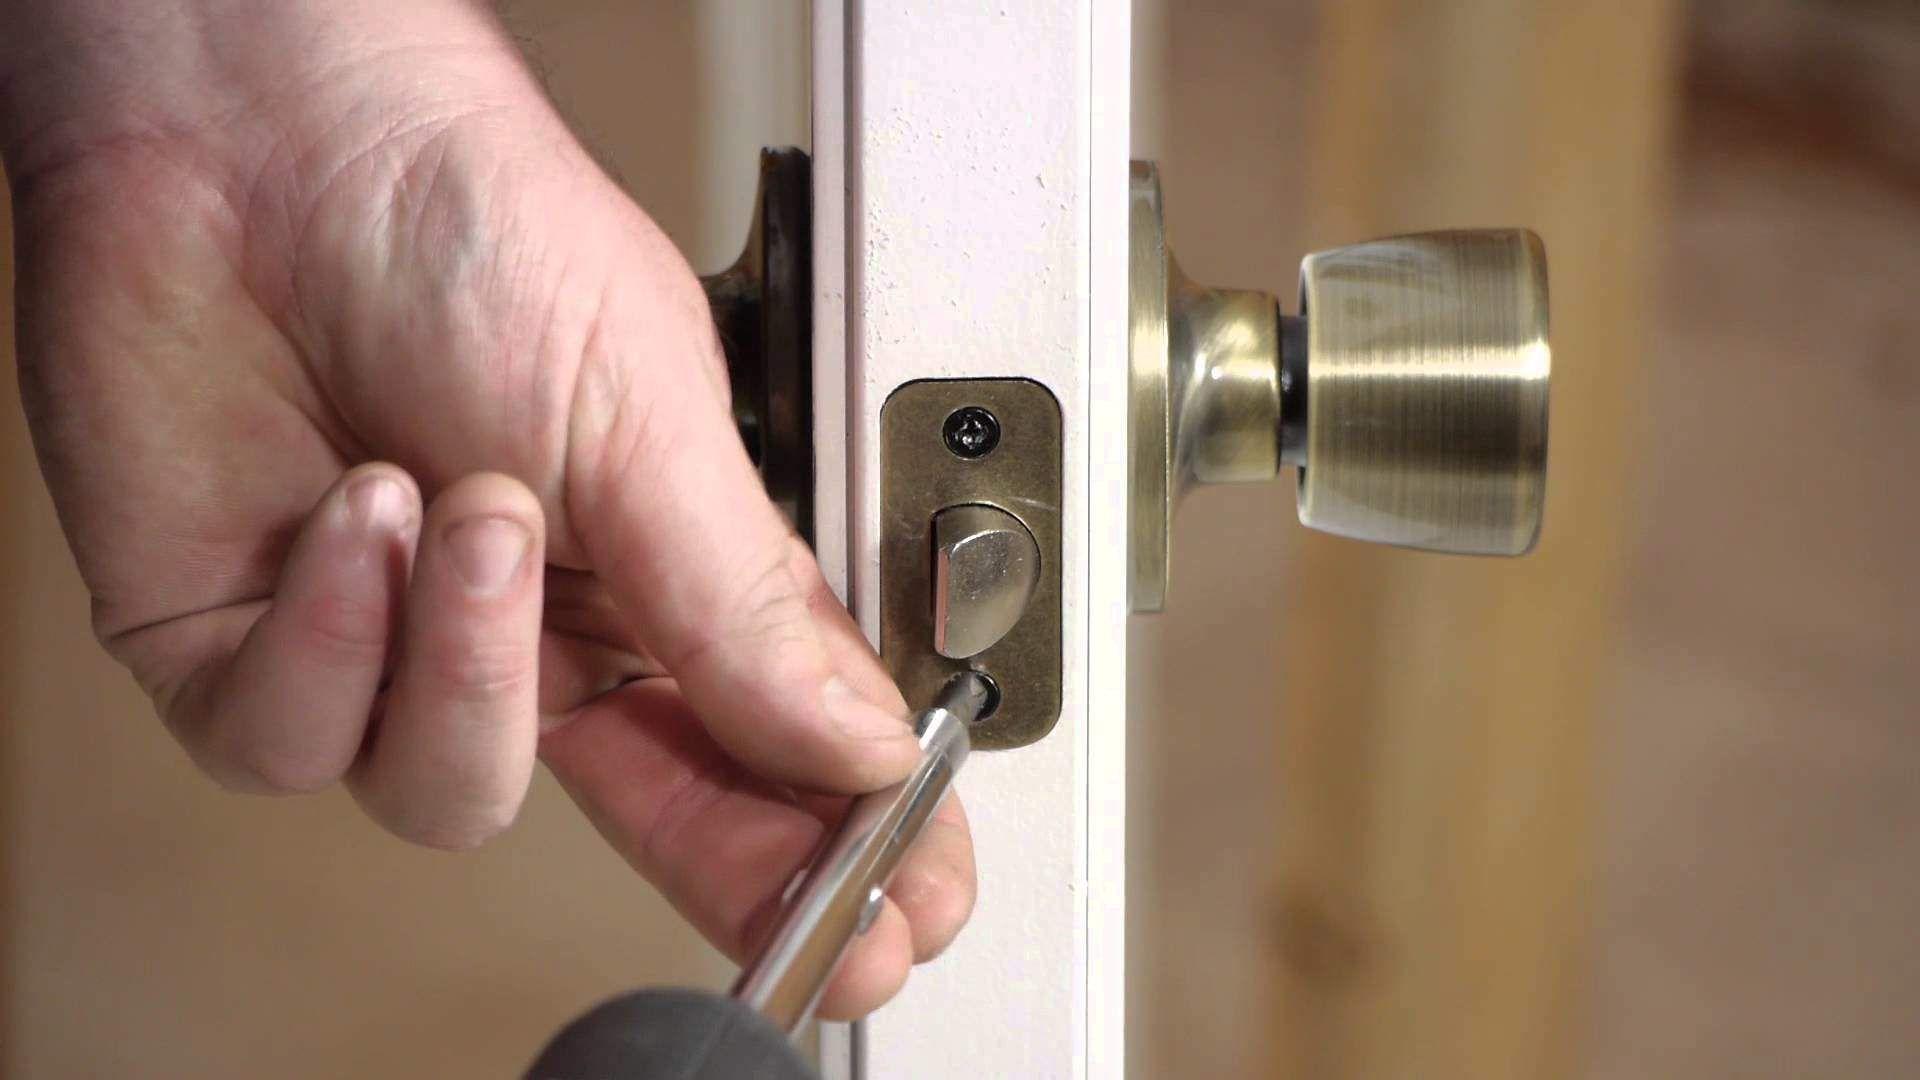 Change Lock Emergency Locksmith Locksmith Services Car Key